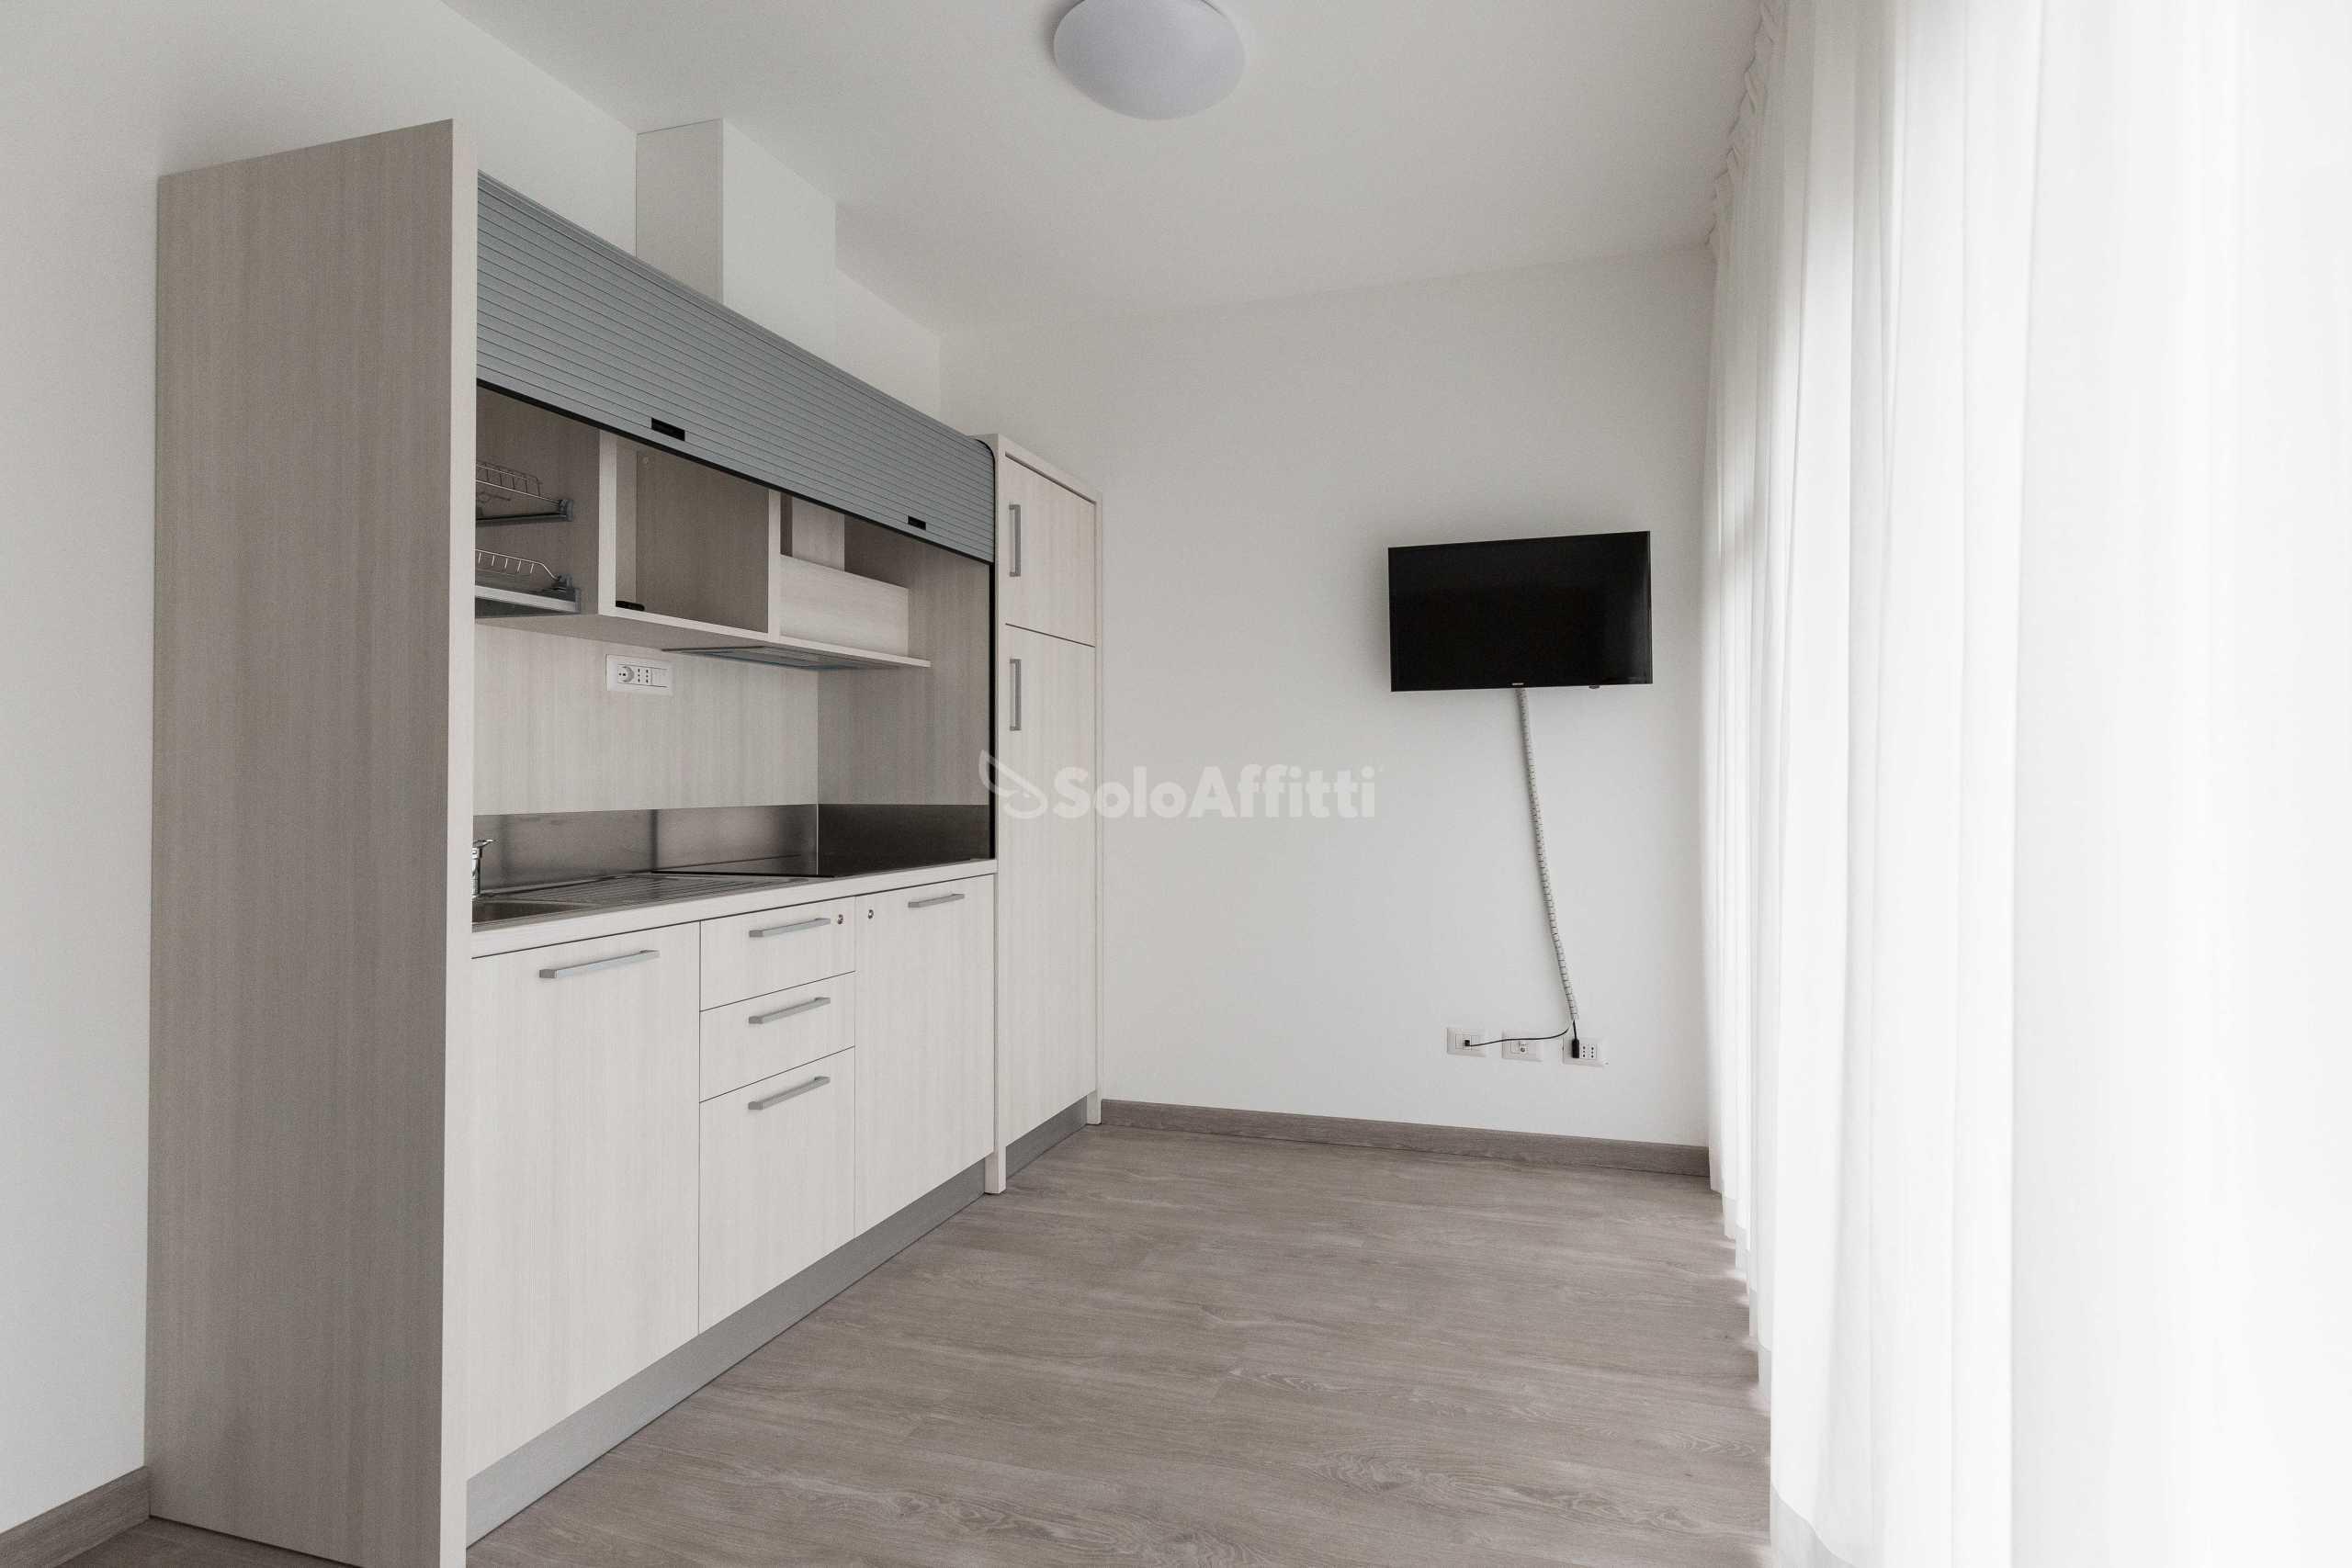 Appartamento Monolocale Arredato